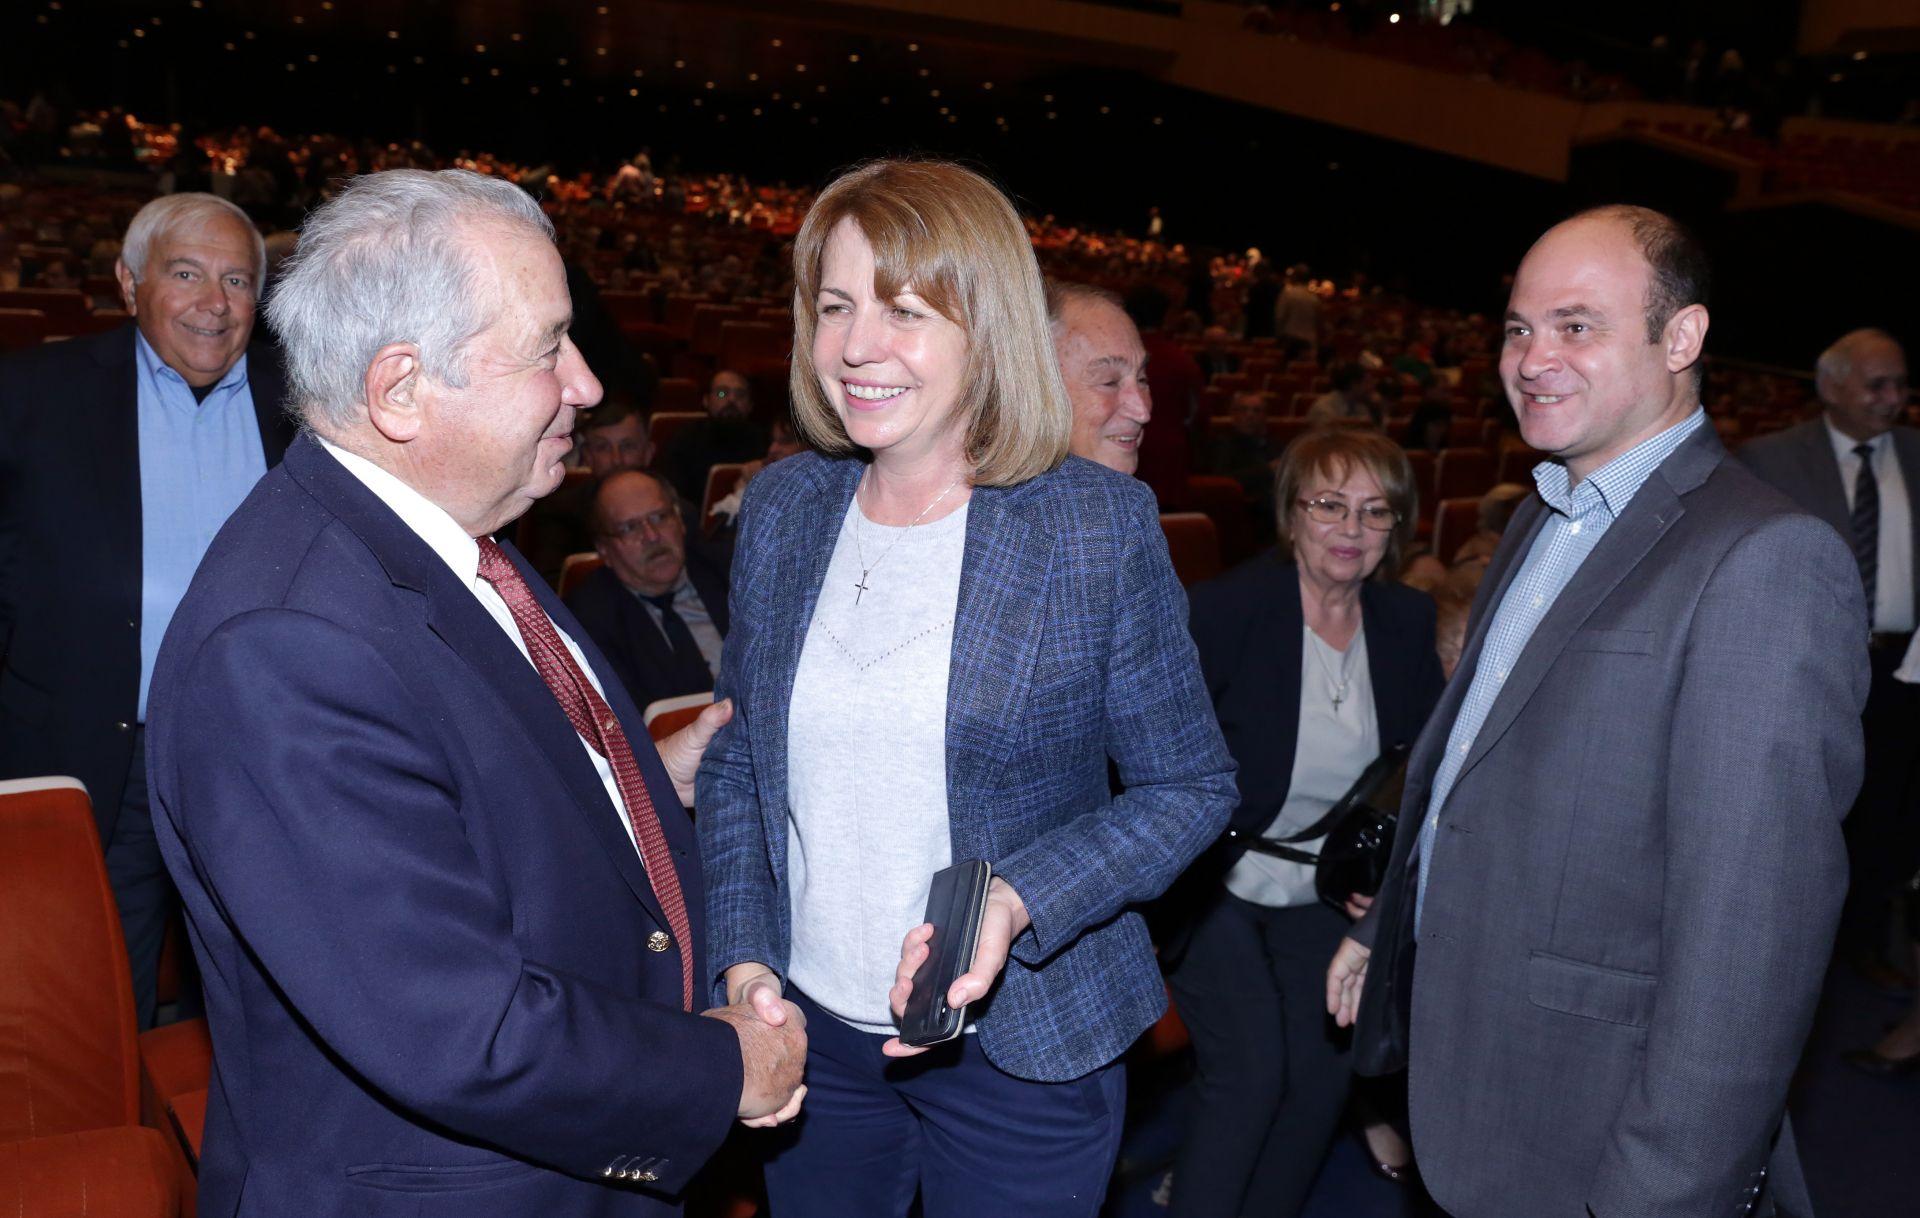 Кметът на София Йорданка Фандъкова също присъства на събитието